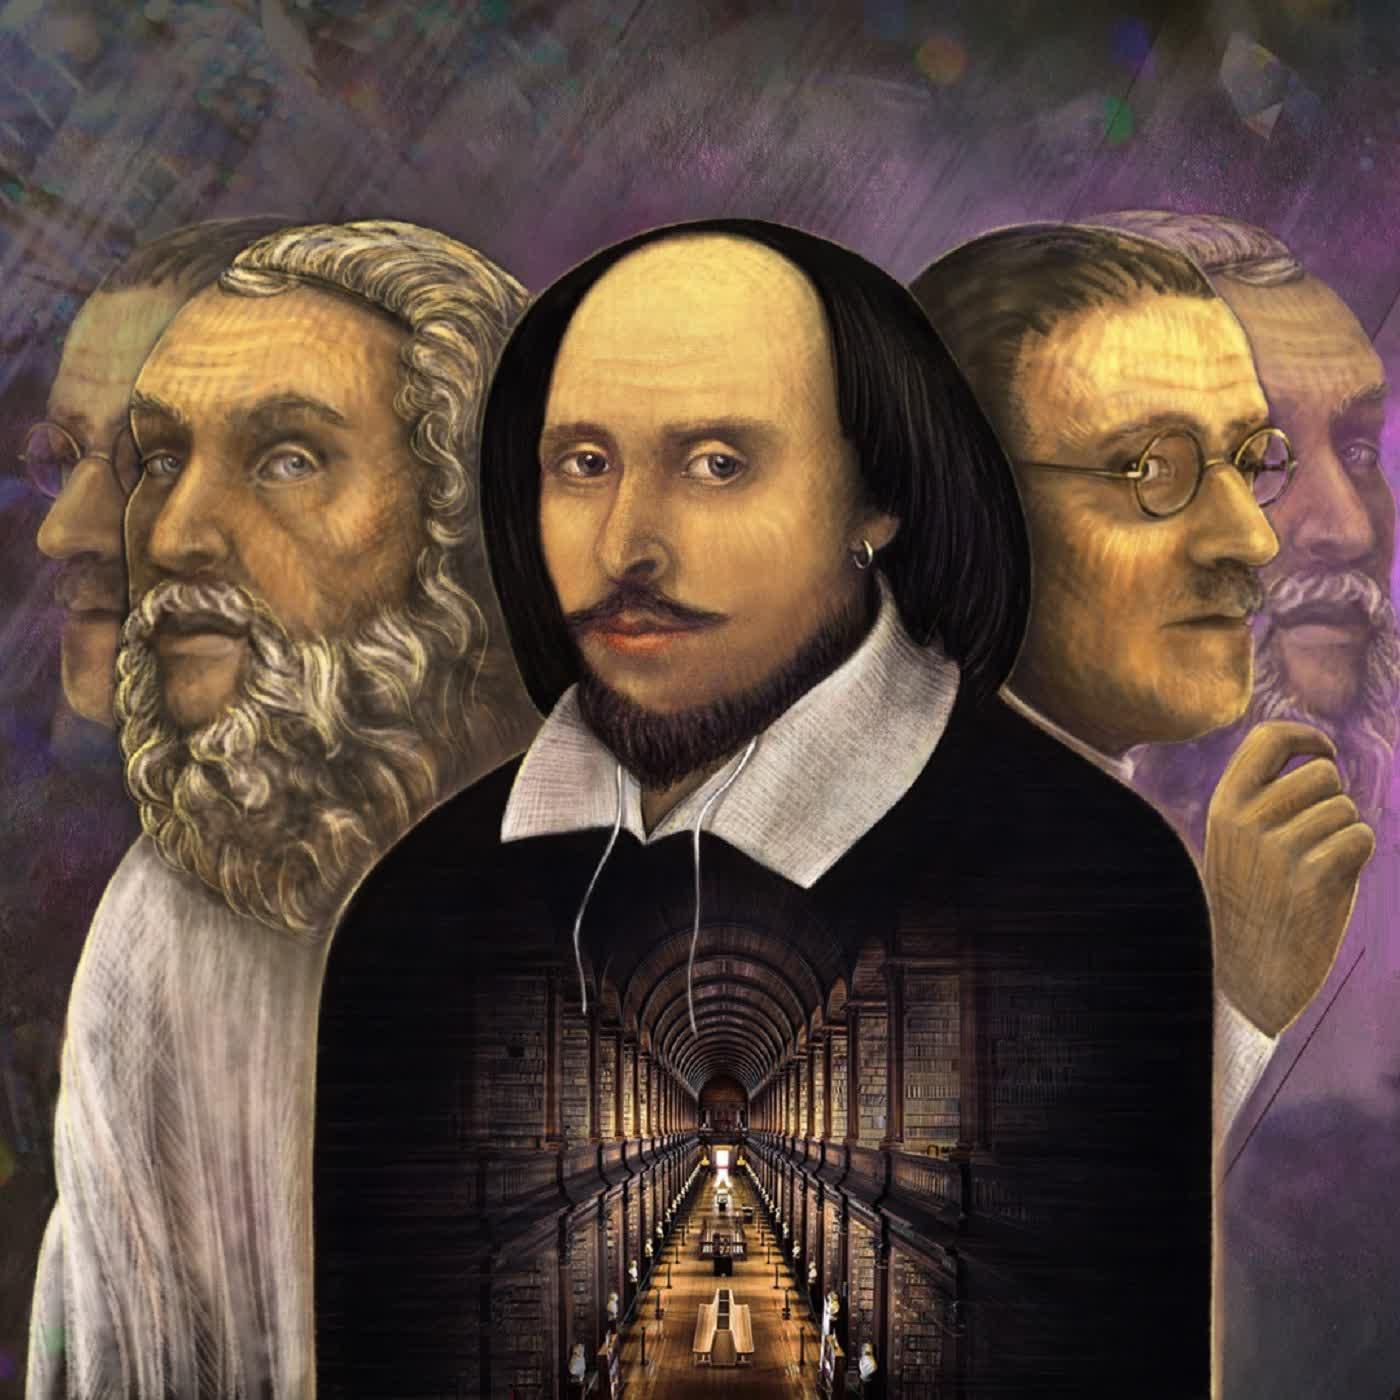 Джойс, Улисс. Эпизод 9: Сцилла и Харибда. Шекспир и компания